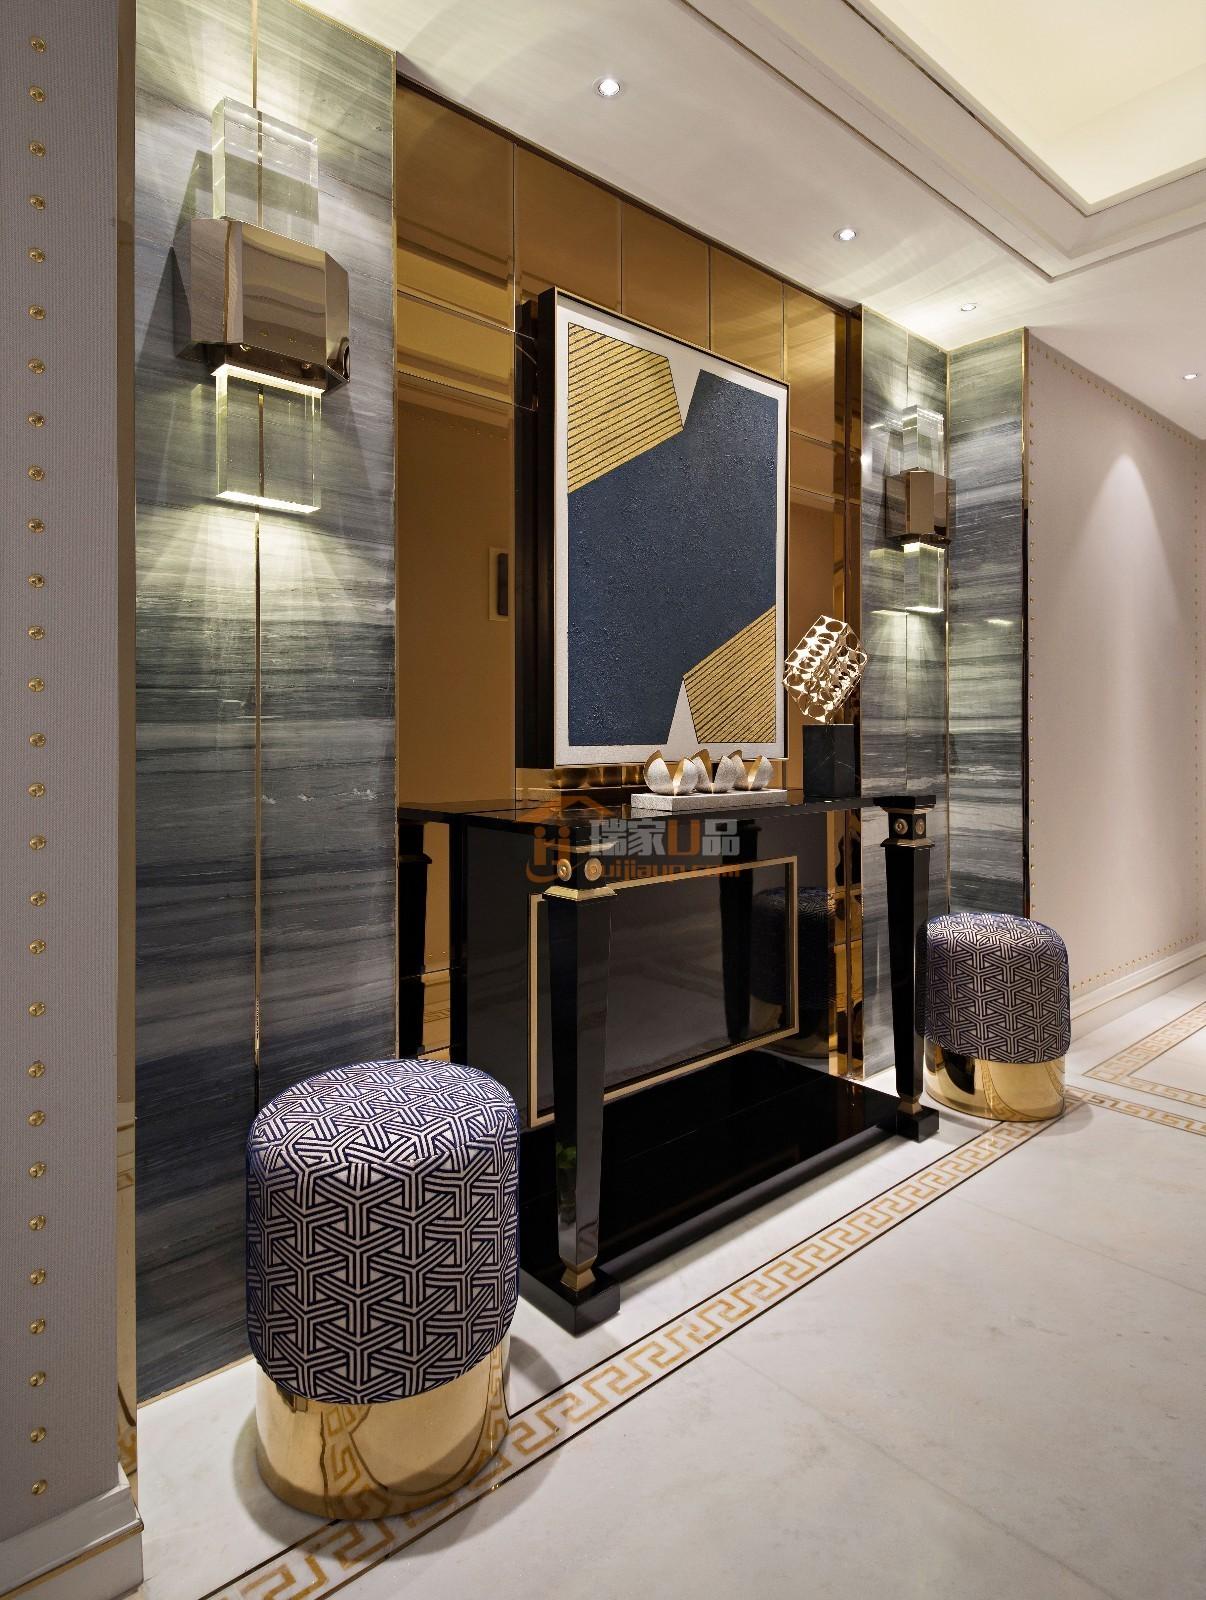 轻奢极简空间设计满足社会精英对空间环境那种感性的,本能和理性的要求 ,轻奢极简的设计极力将